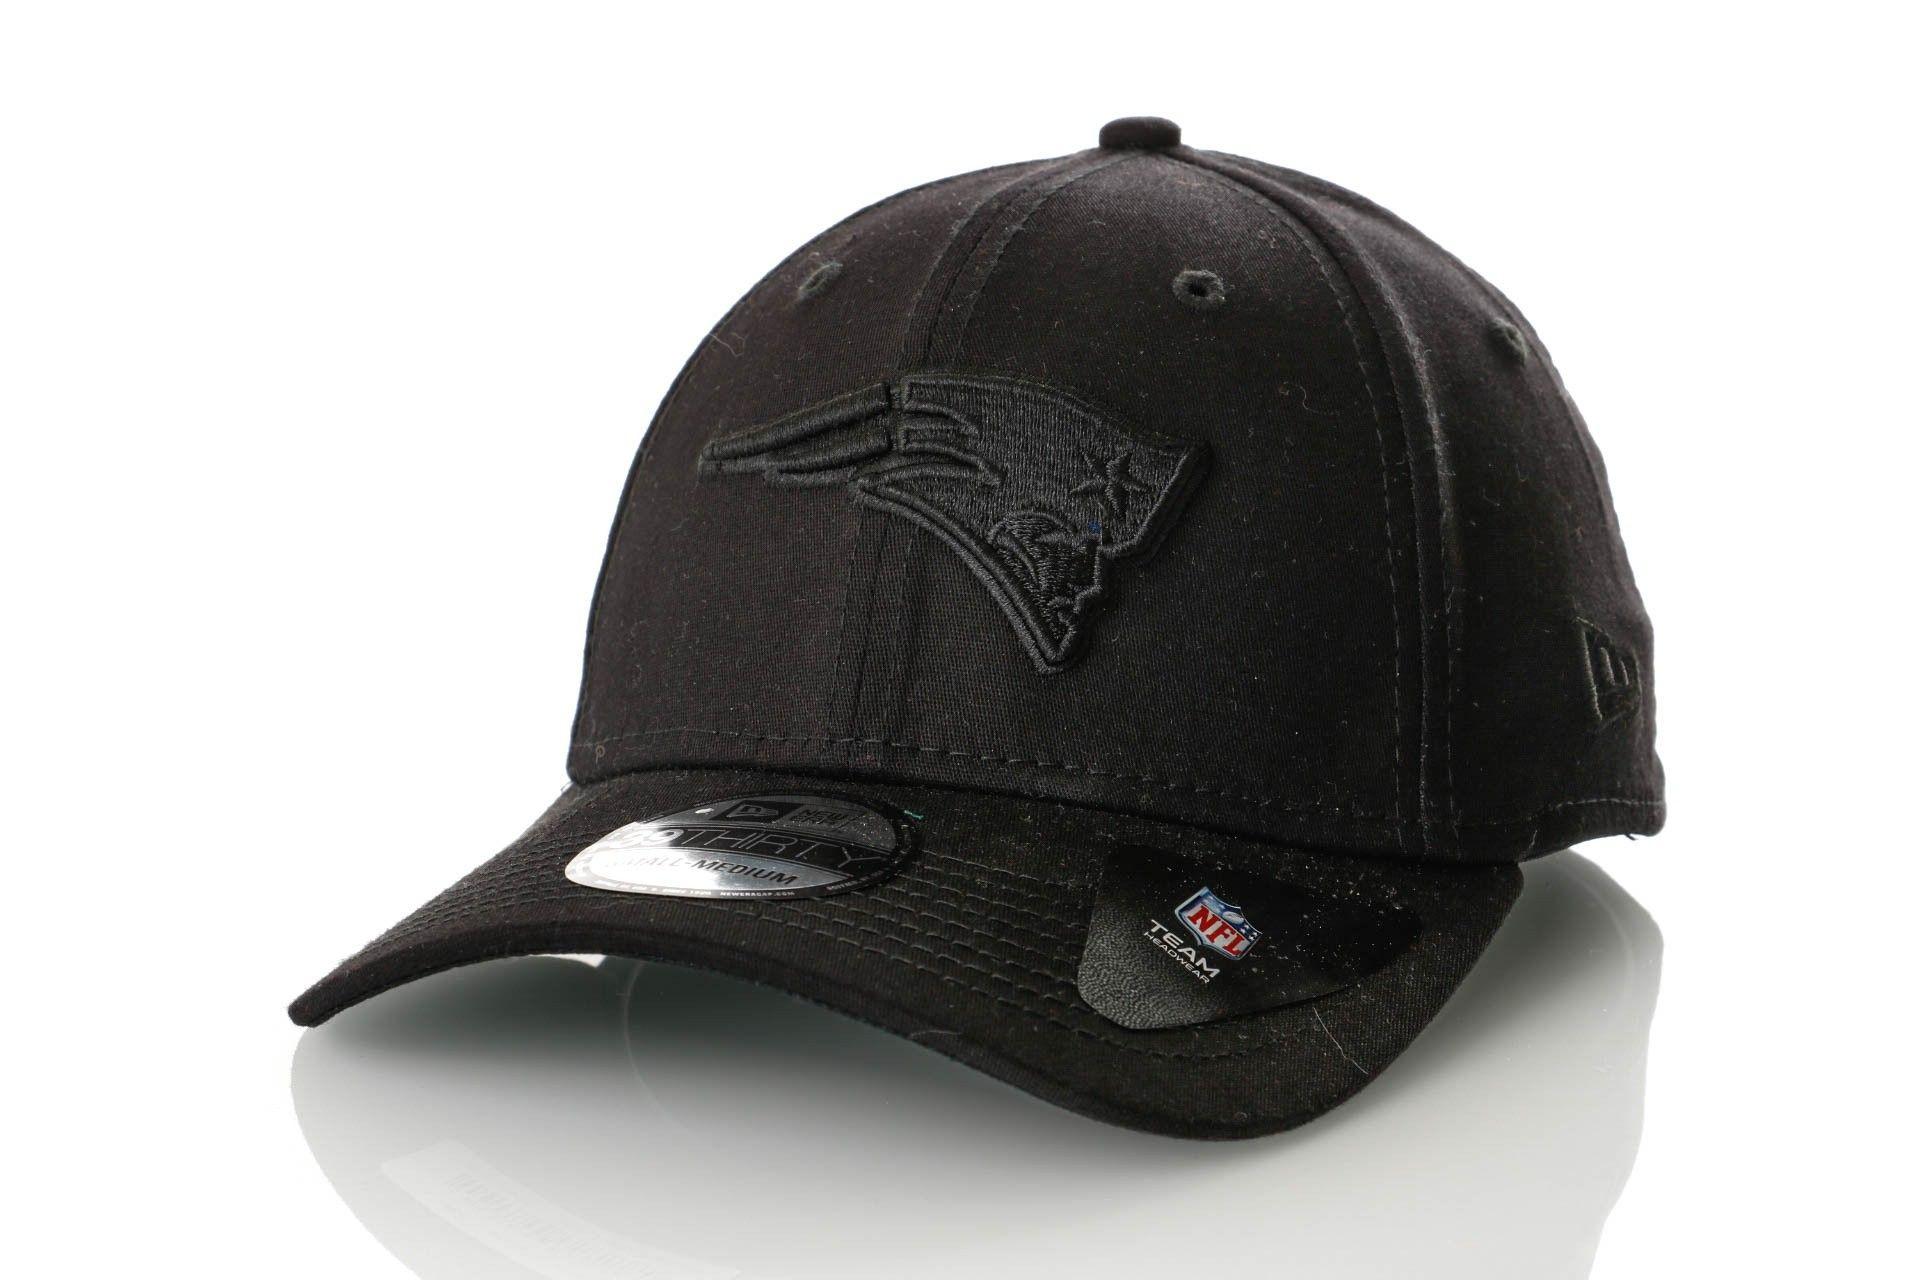 Afbeelding van New Era Dad Cap New England Patriots BLACK ON BLACK 39THIRTY NEW ENGLAND PATRIOTS 80635952